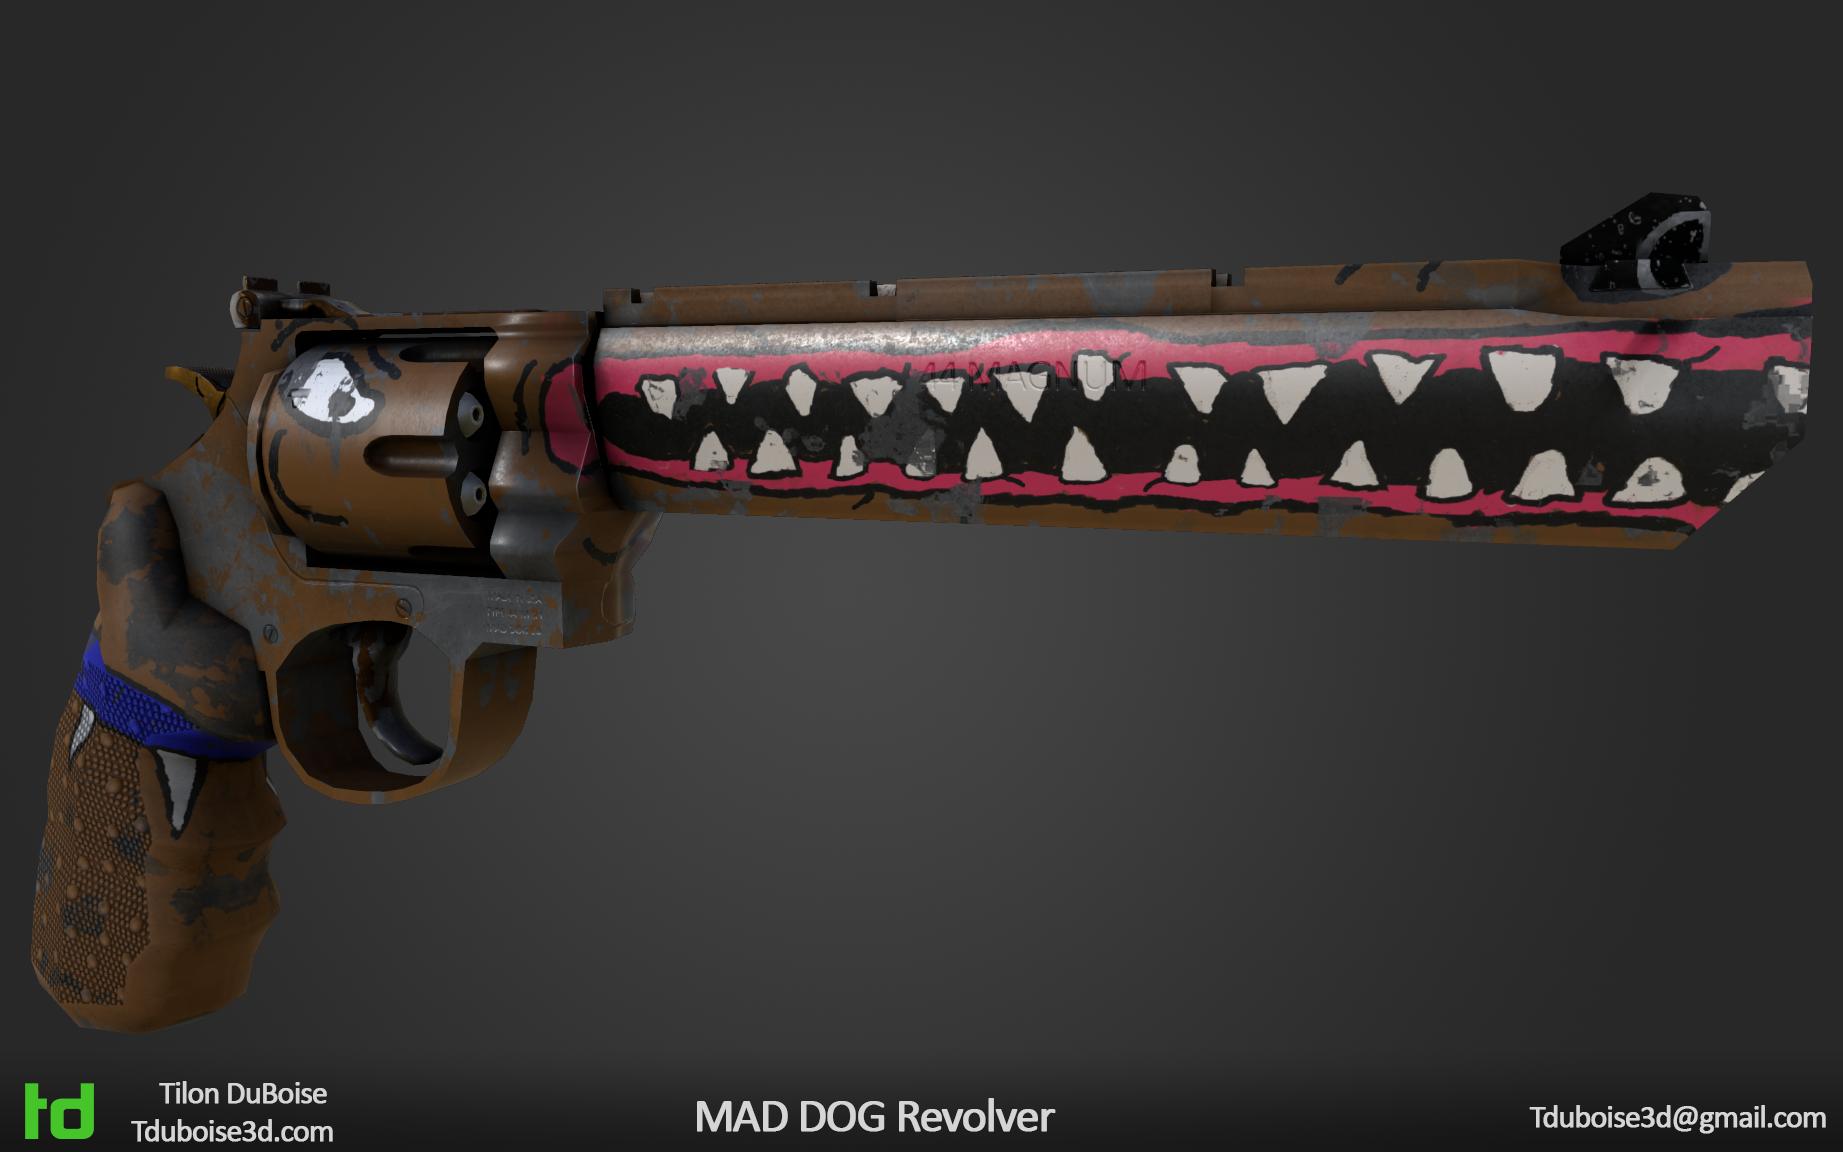 MadDog-Revolver-poster1